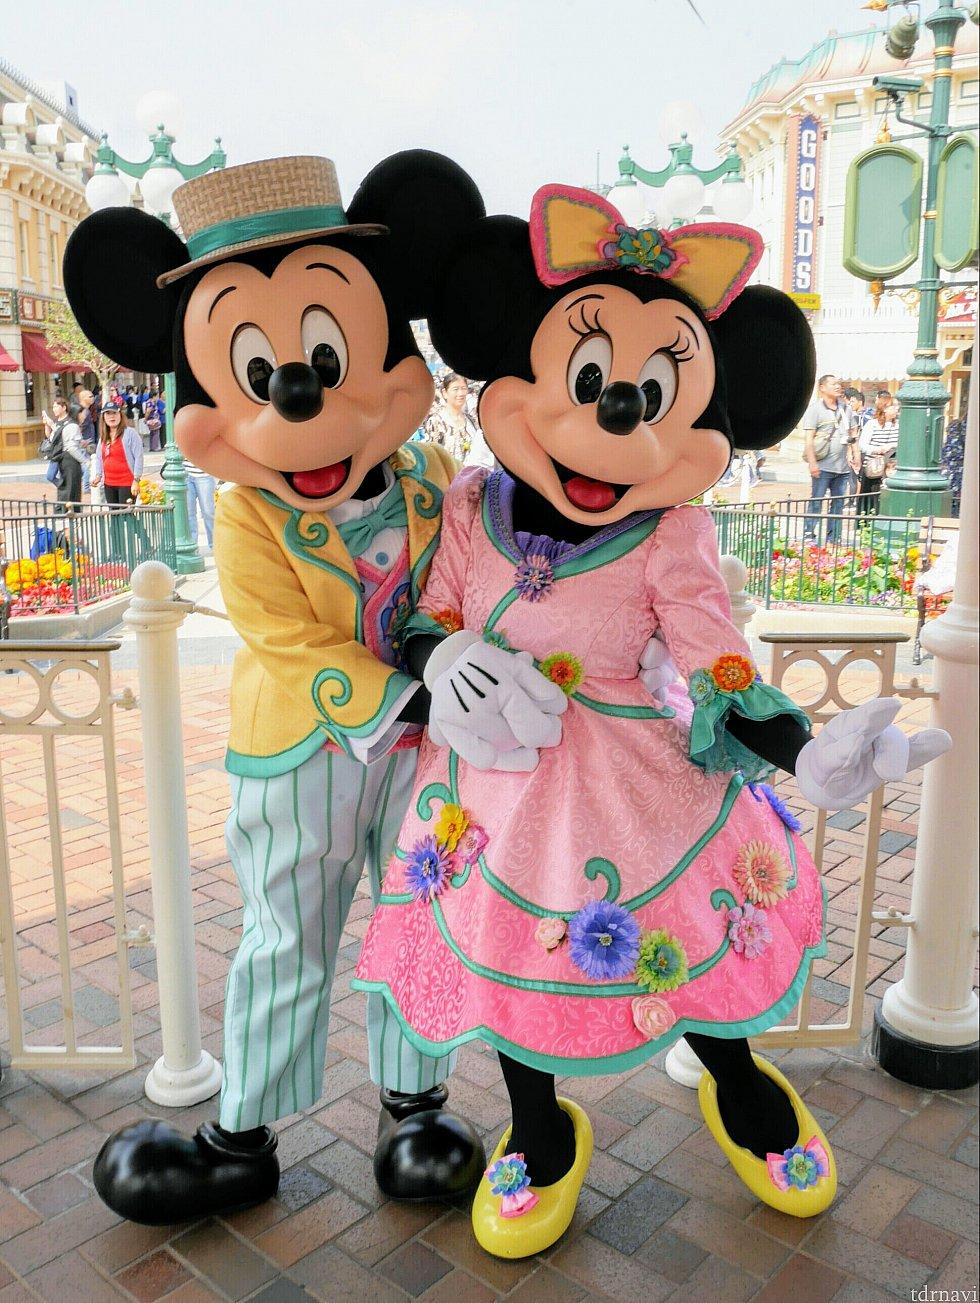 これは3月に撮影したものですが、ミッキーとミニーは今もこの衣装でした! かわいいんだけど、かわいいんだけども………アロハ姿見たかったー😅